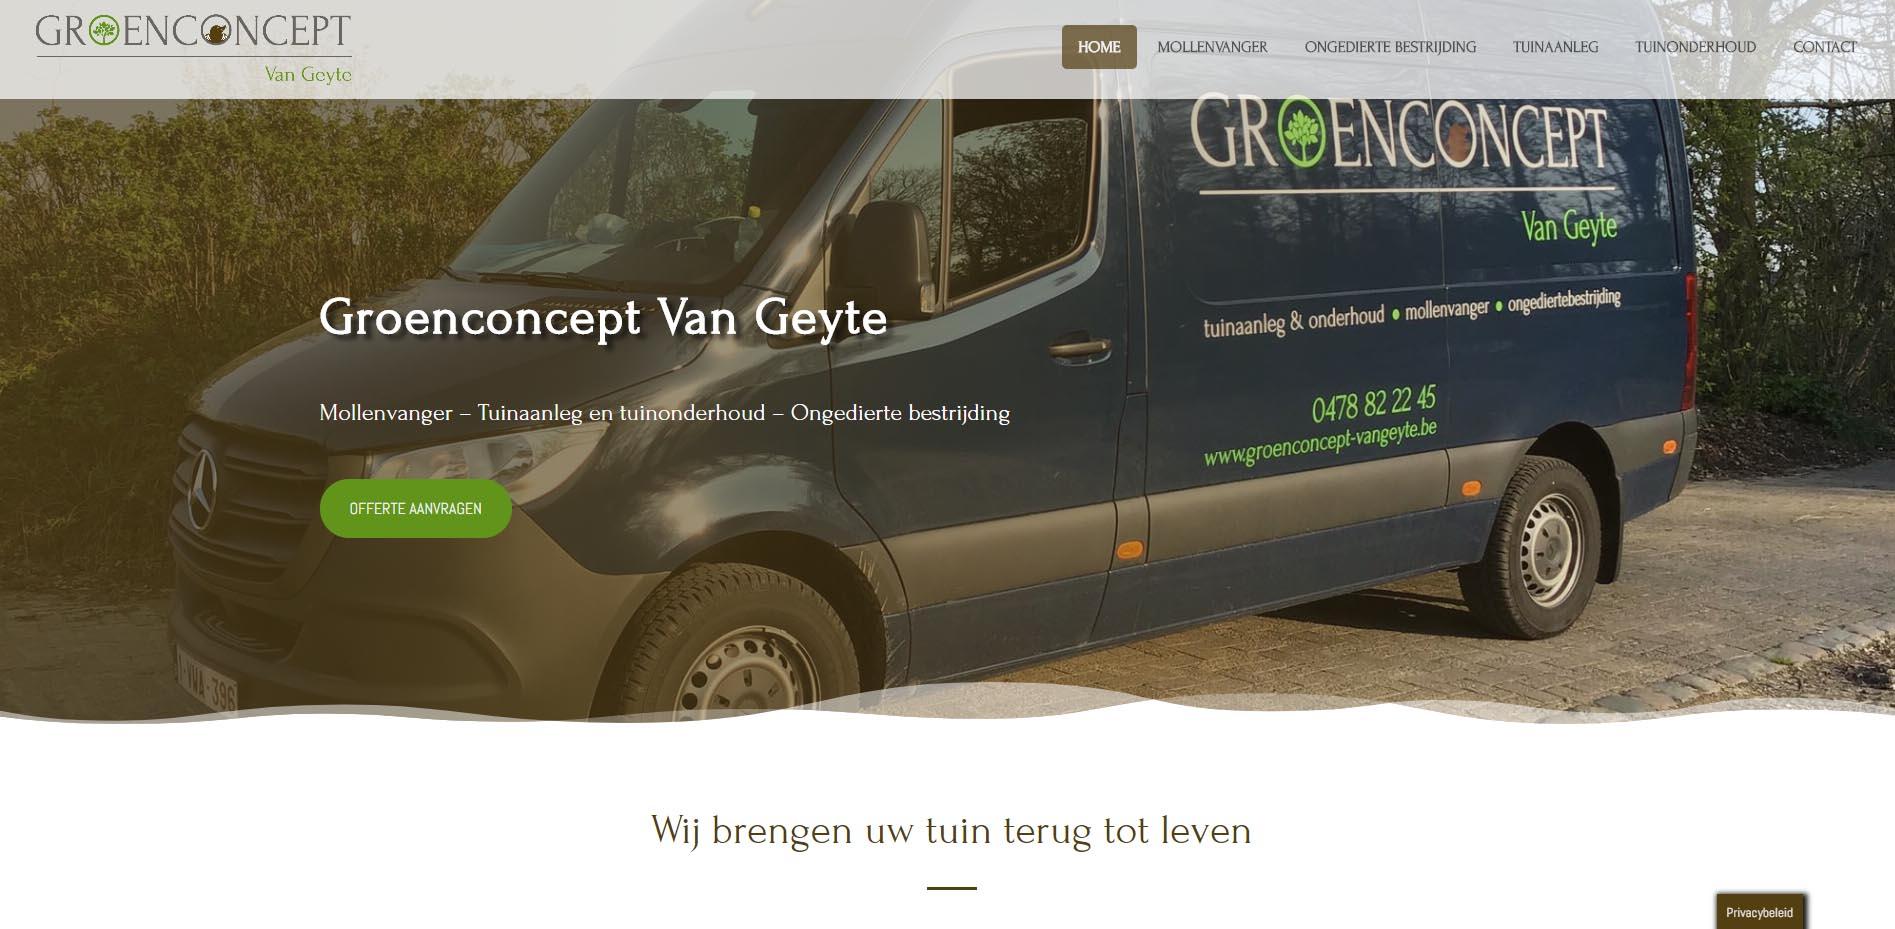 Groenconcept Van Geyte